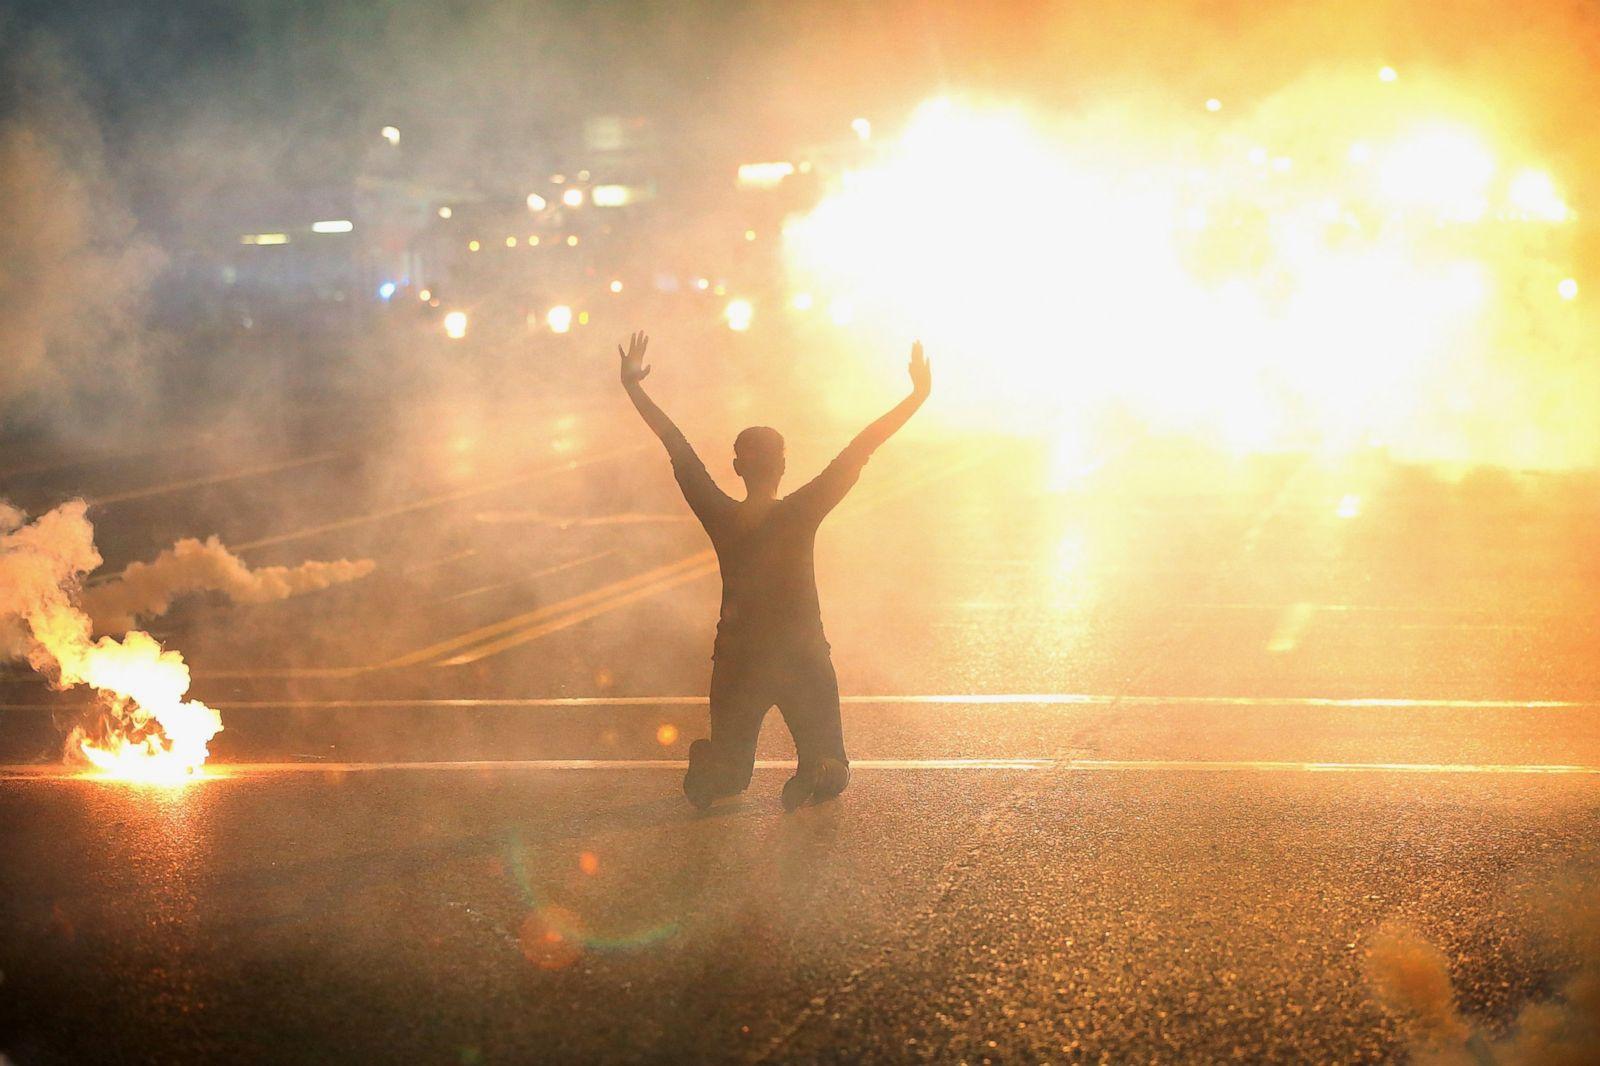 El gas lacrimógeno rodea a una mujer arrodillada en la calle con las manos en alto después de una protesta por Michael Brown, el 17 de agosto de 2014, en Ferguson, Missouri. Fotografía: Scott Olson/Getty Images